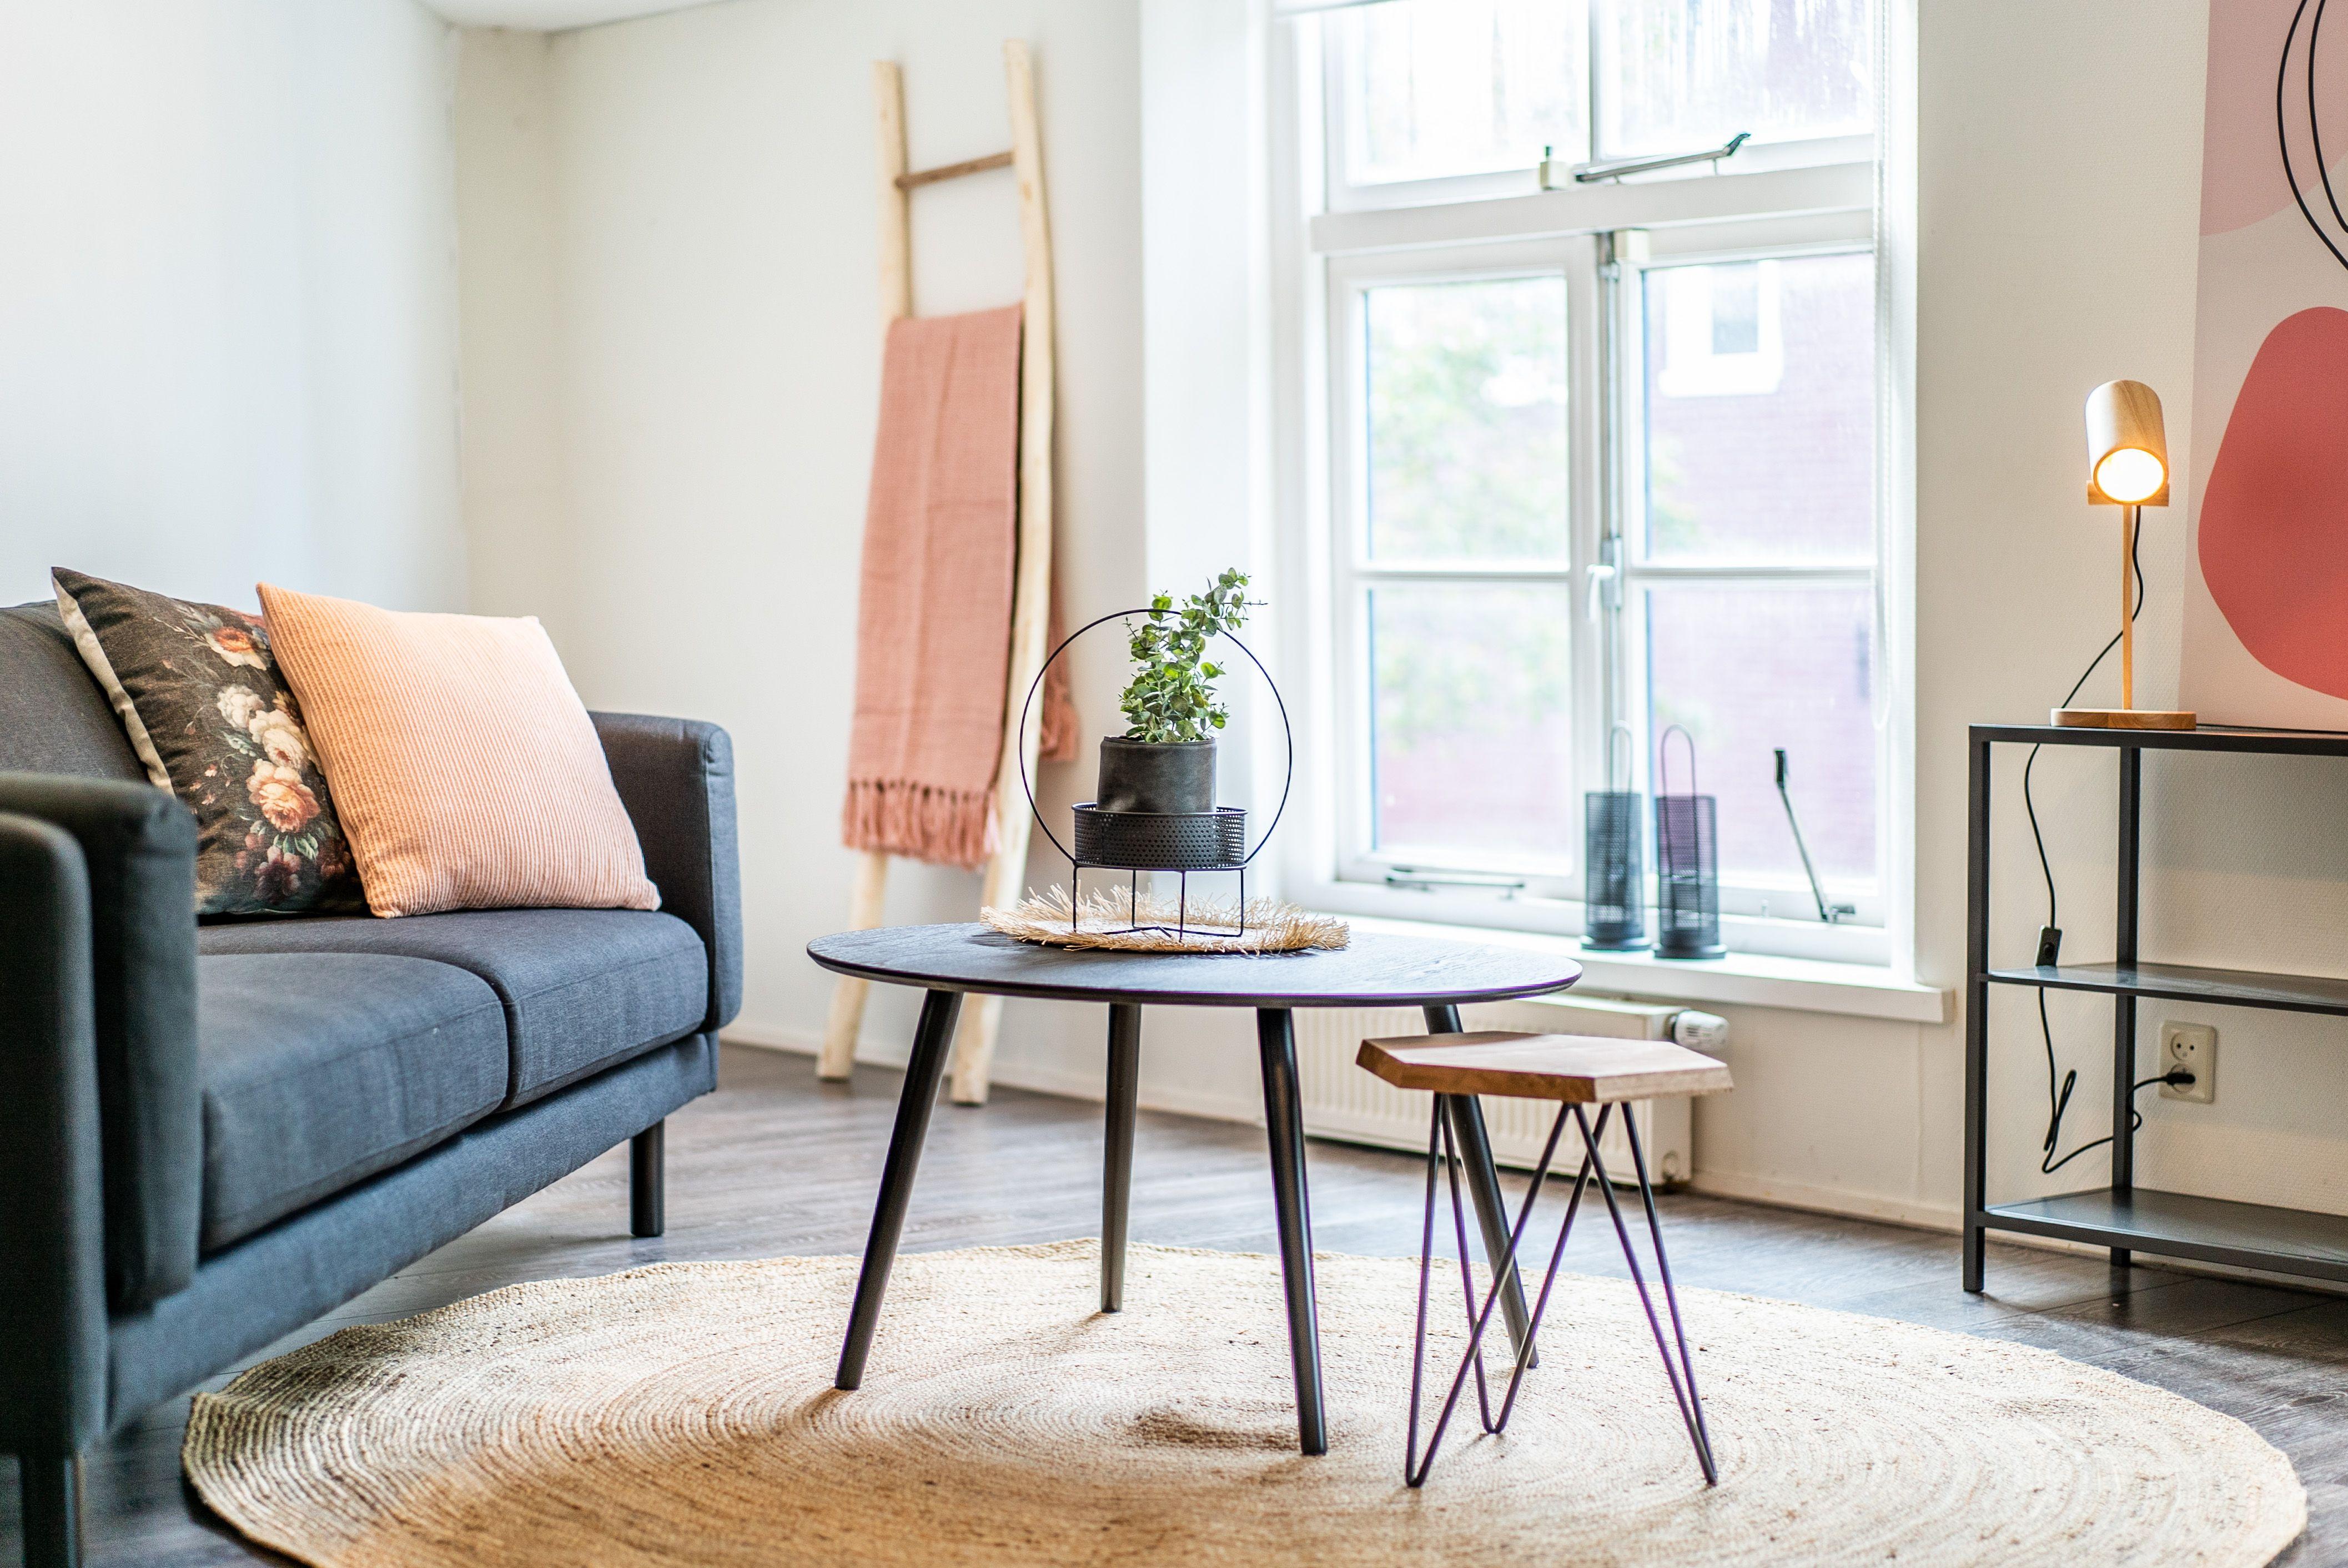 Van Recht Naar Rond In 2020 Ideeen Voor Een Kamer Interieur Huiskamerideeen